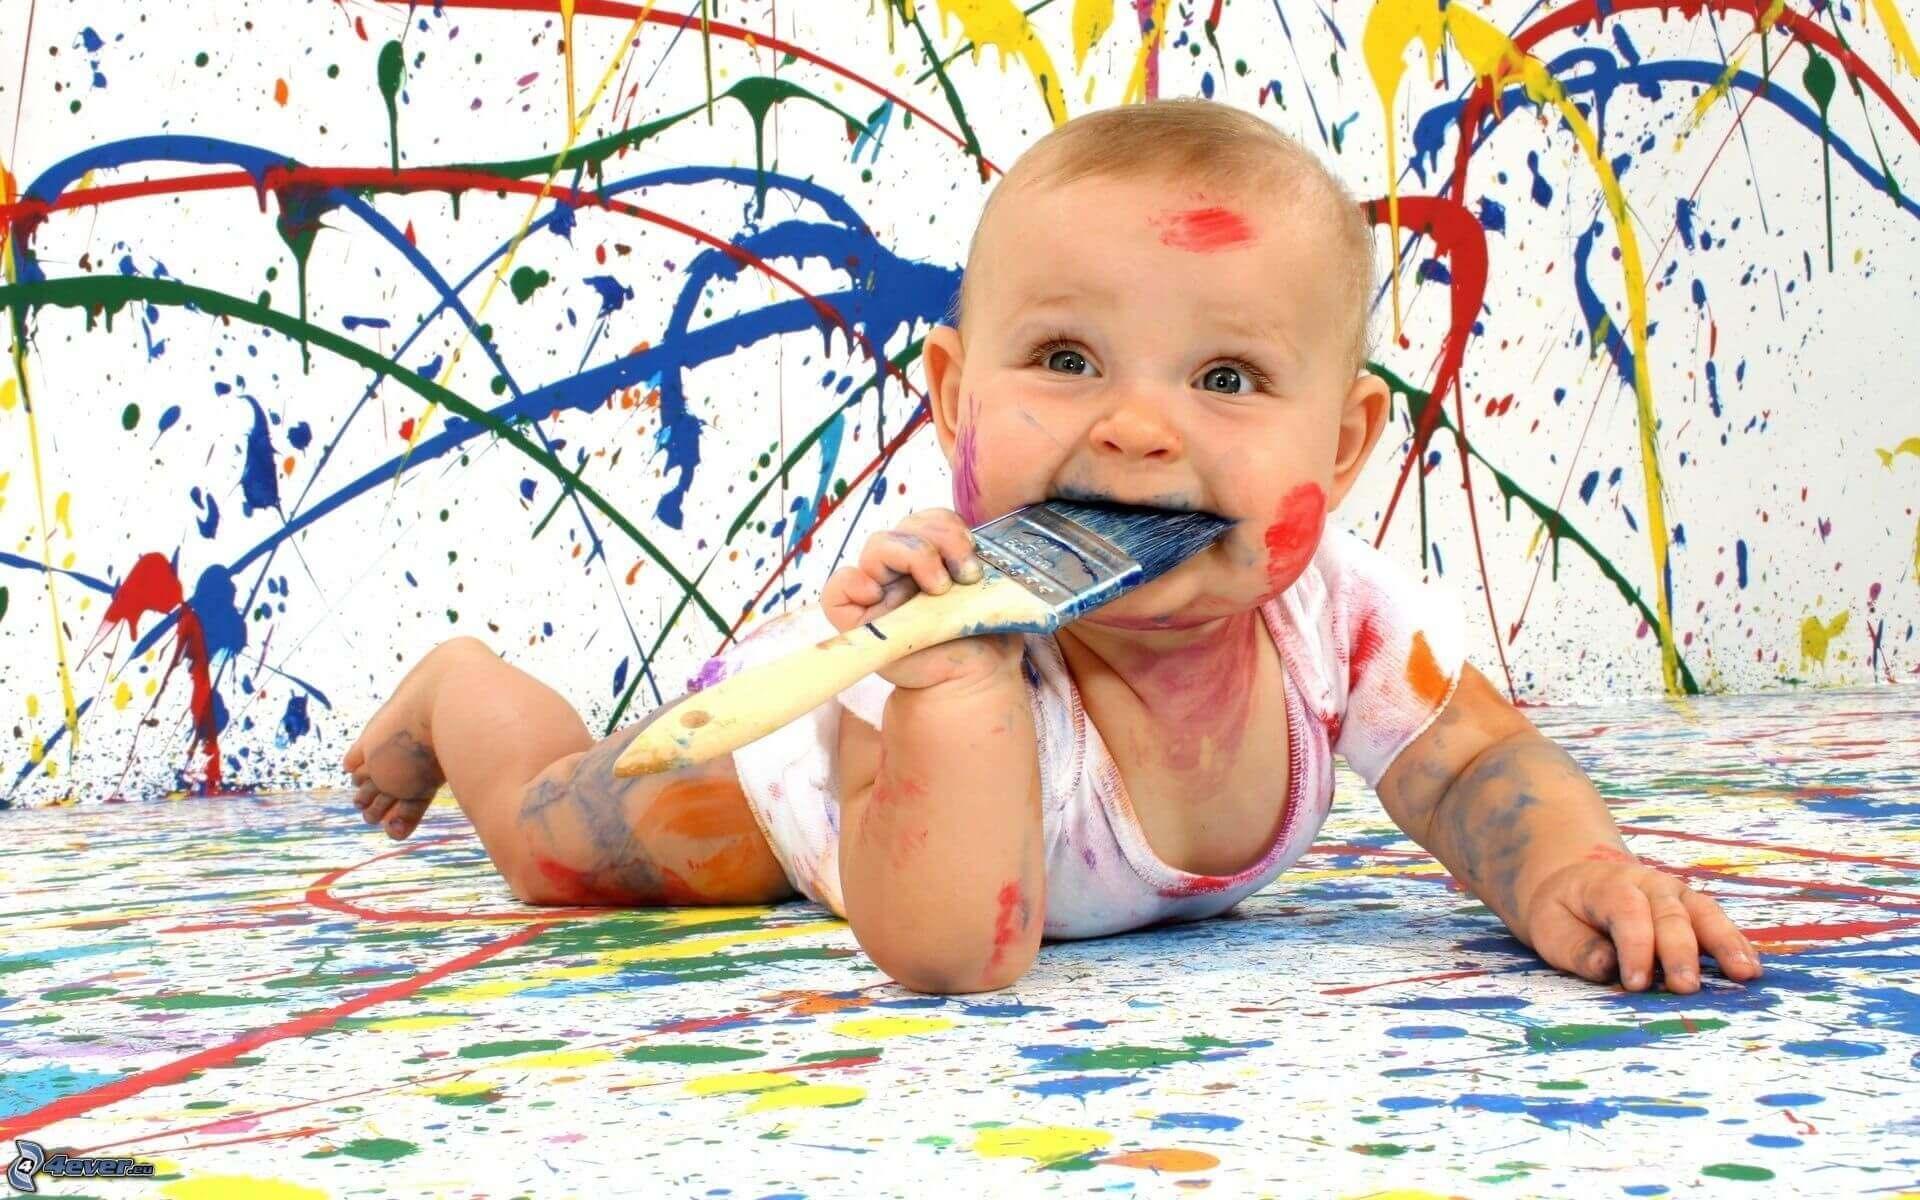 Bebê brincando com tinta.